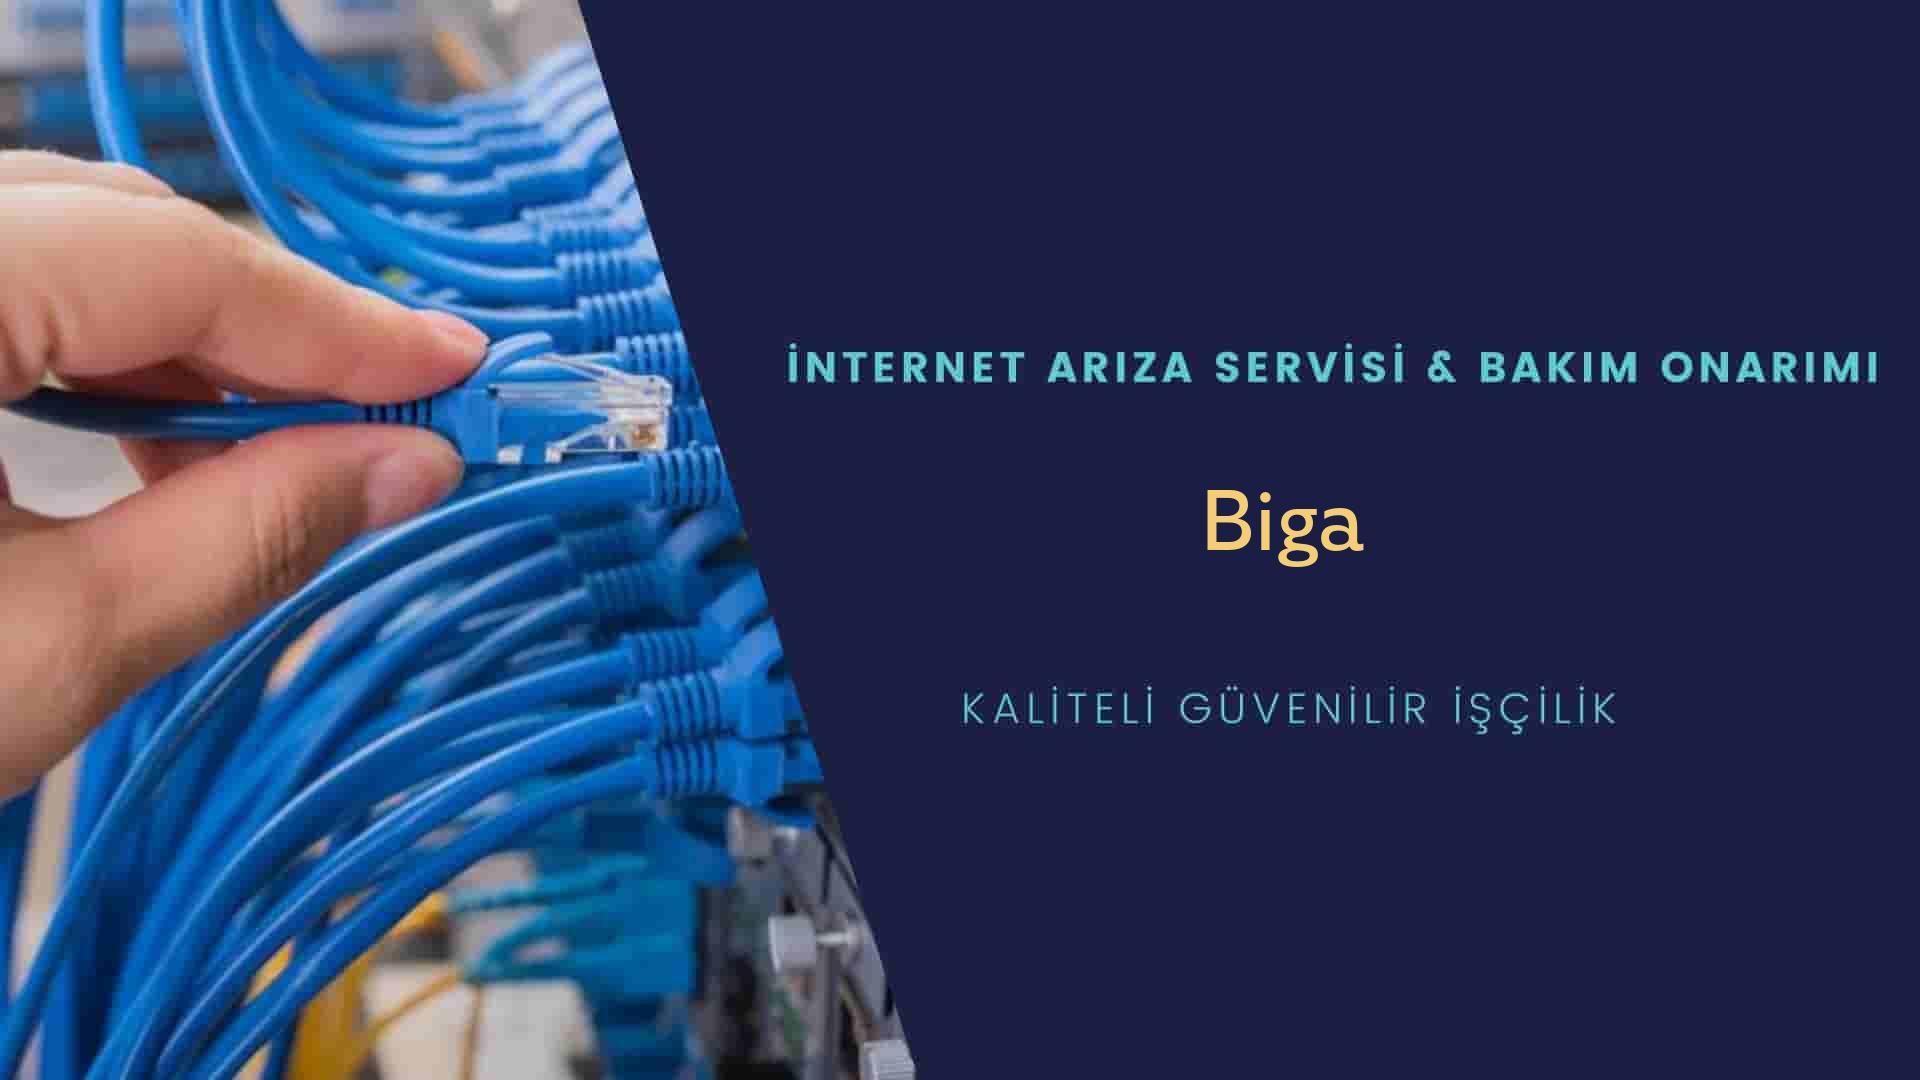 Biga internet kablosu çekimi yapan yerler veya elektrikçiler mi? arıyorsunuz doğru yerdesiniz o zaman sizlere 7/24 yardımcı olacak profesyonel ustalarımız bir telefon kadar yakındır size.